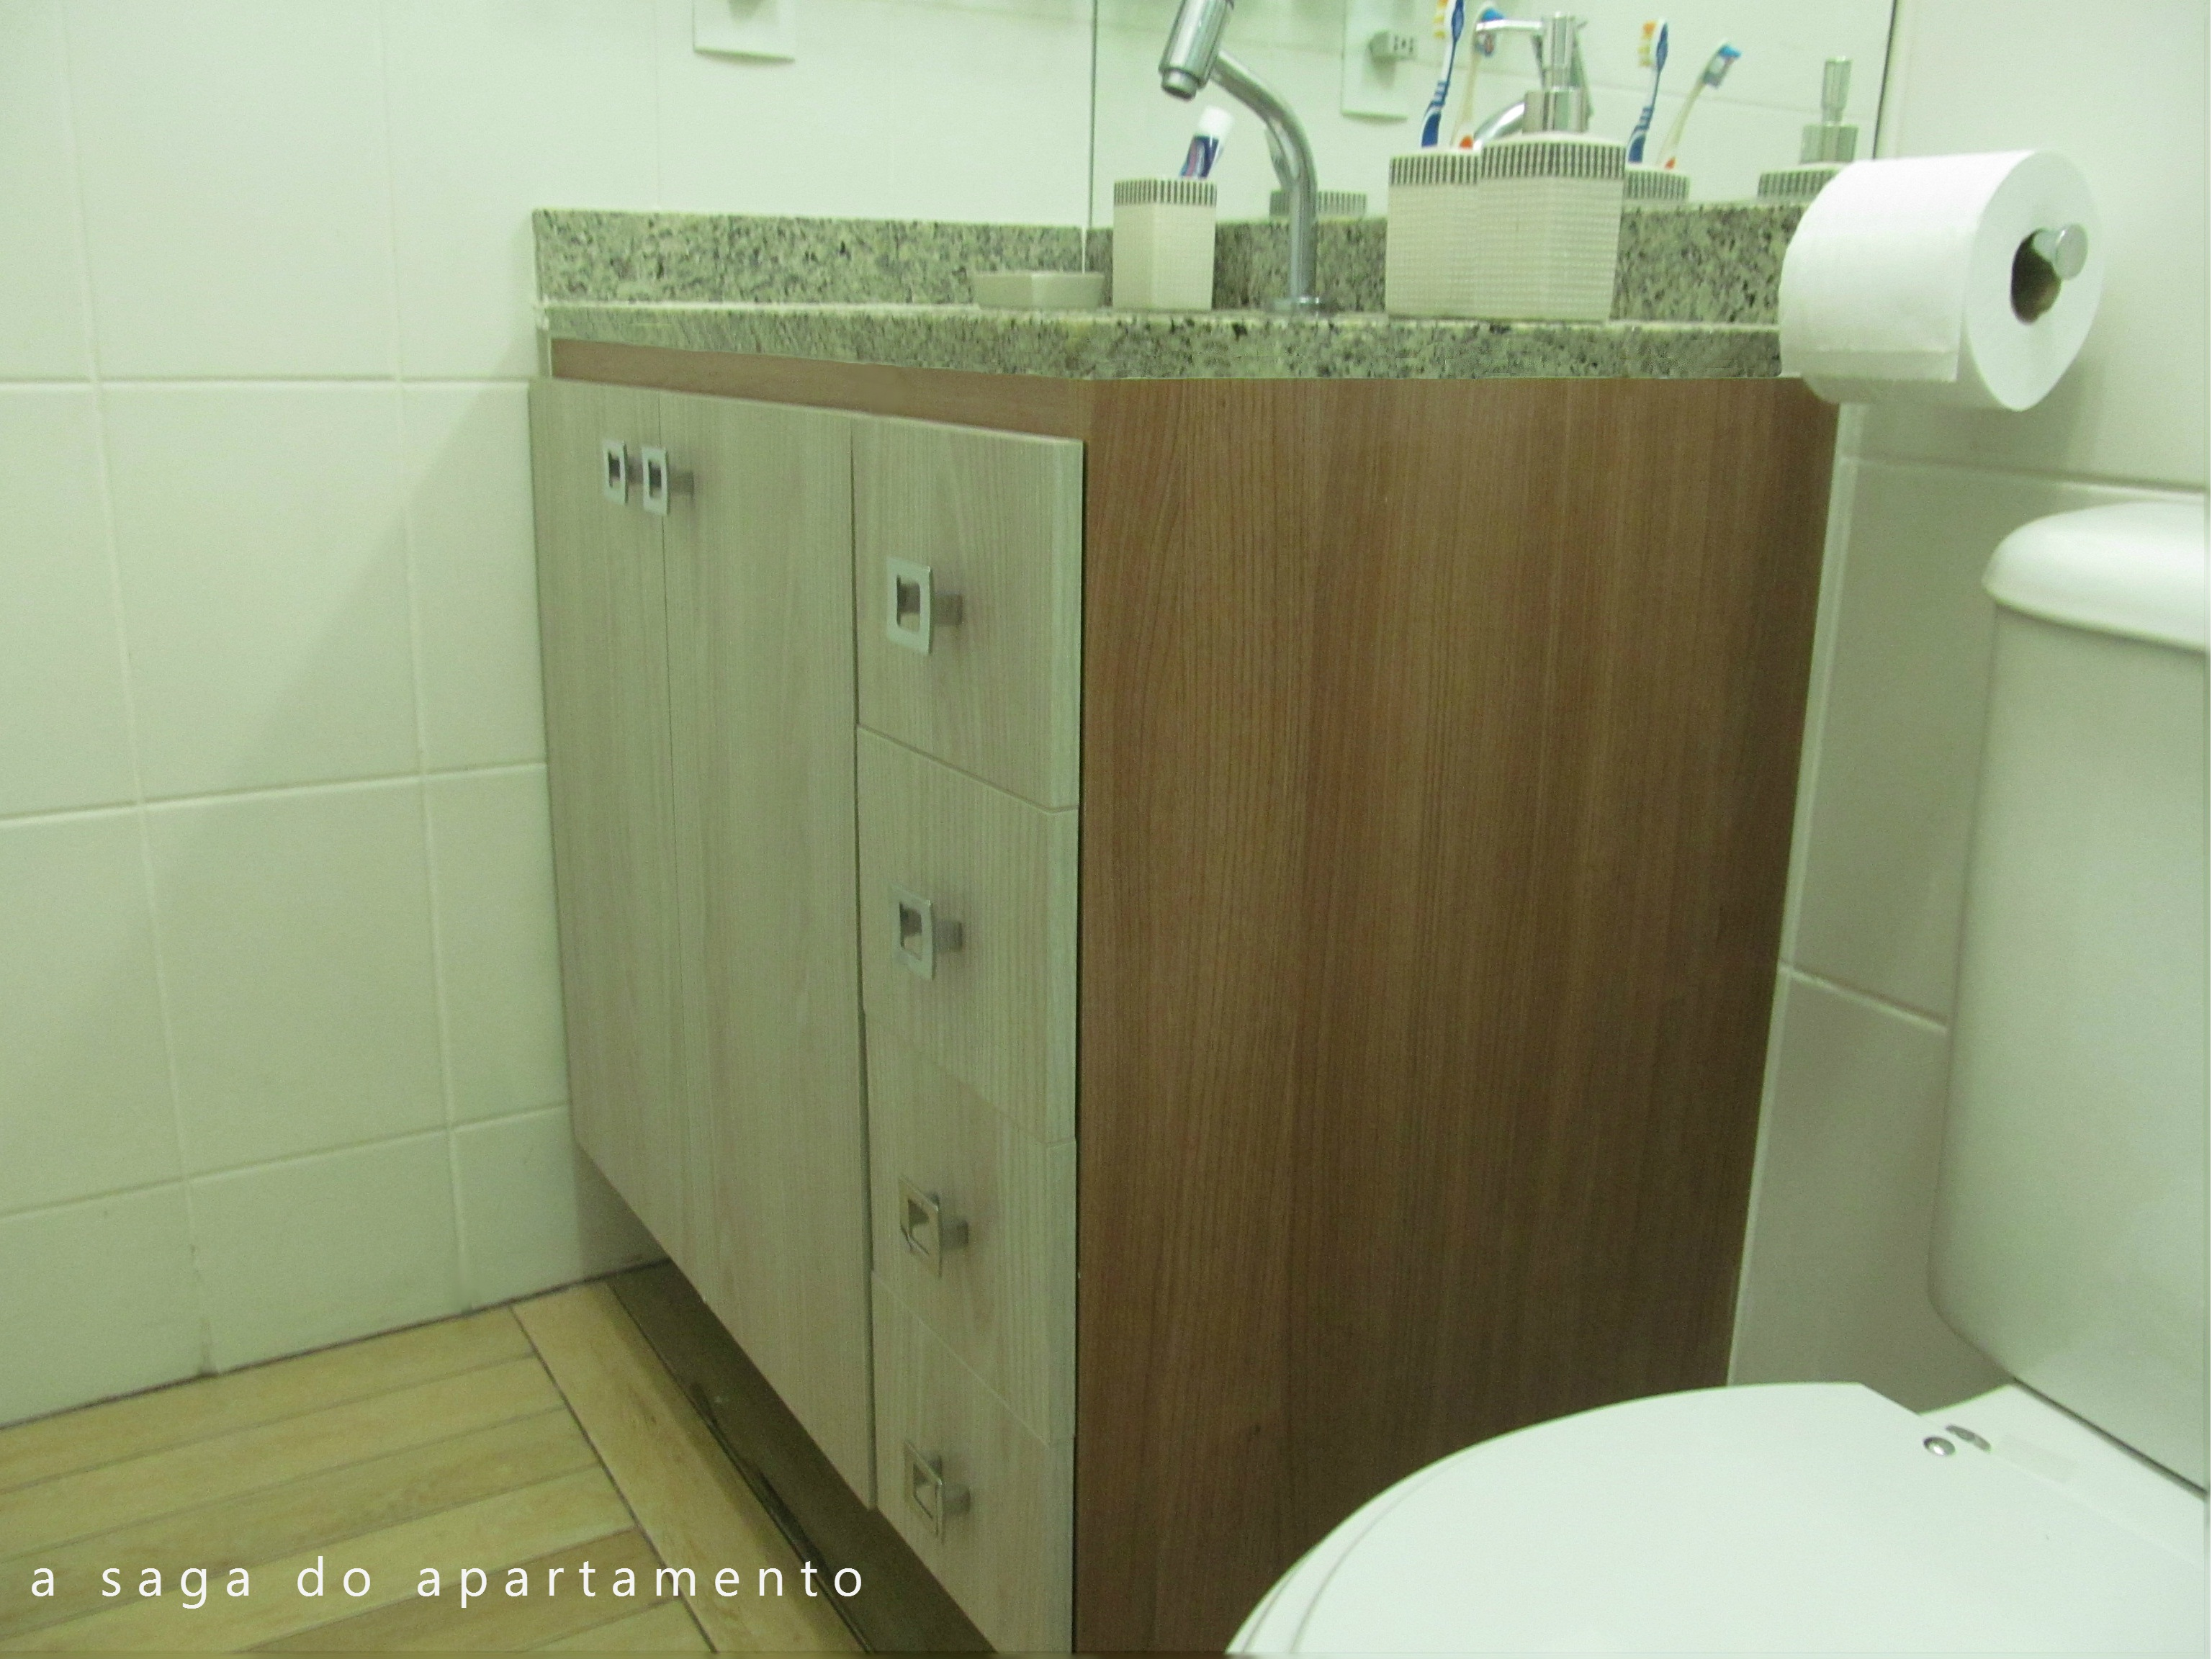 O pequeno e notável Armário Planejado do Banheiro  a saga do apartamento -> Armario De Banheiro Planejado Para Apartamento Pequeno